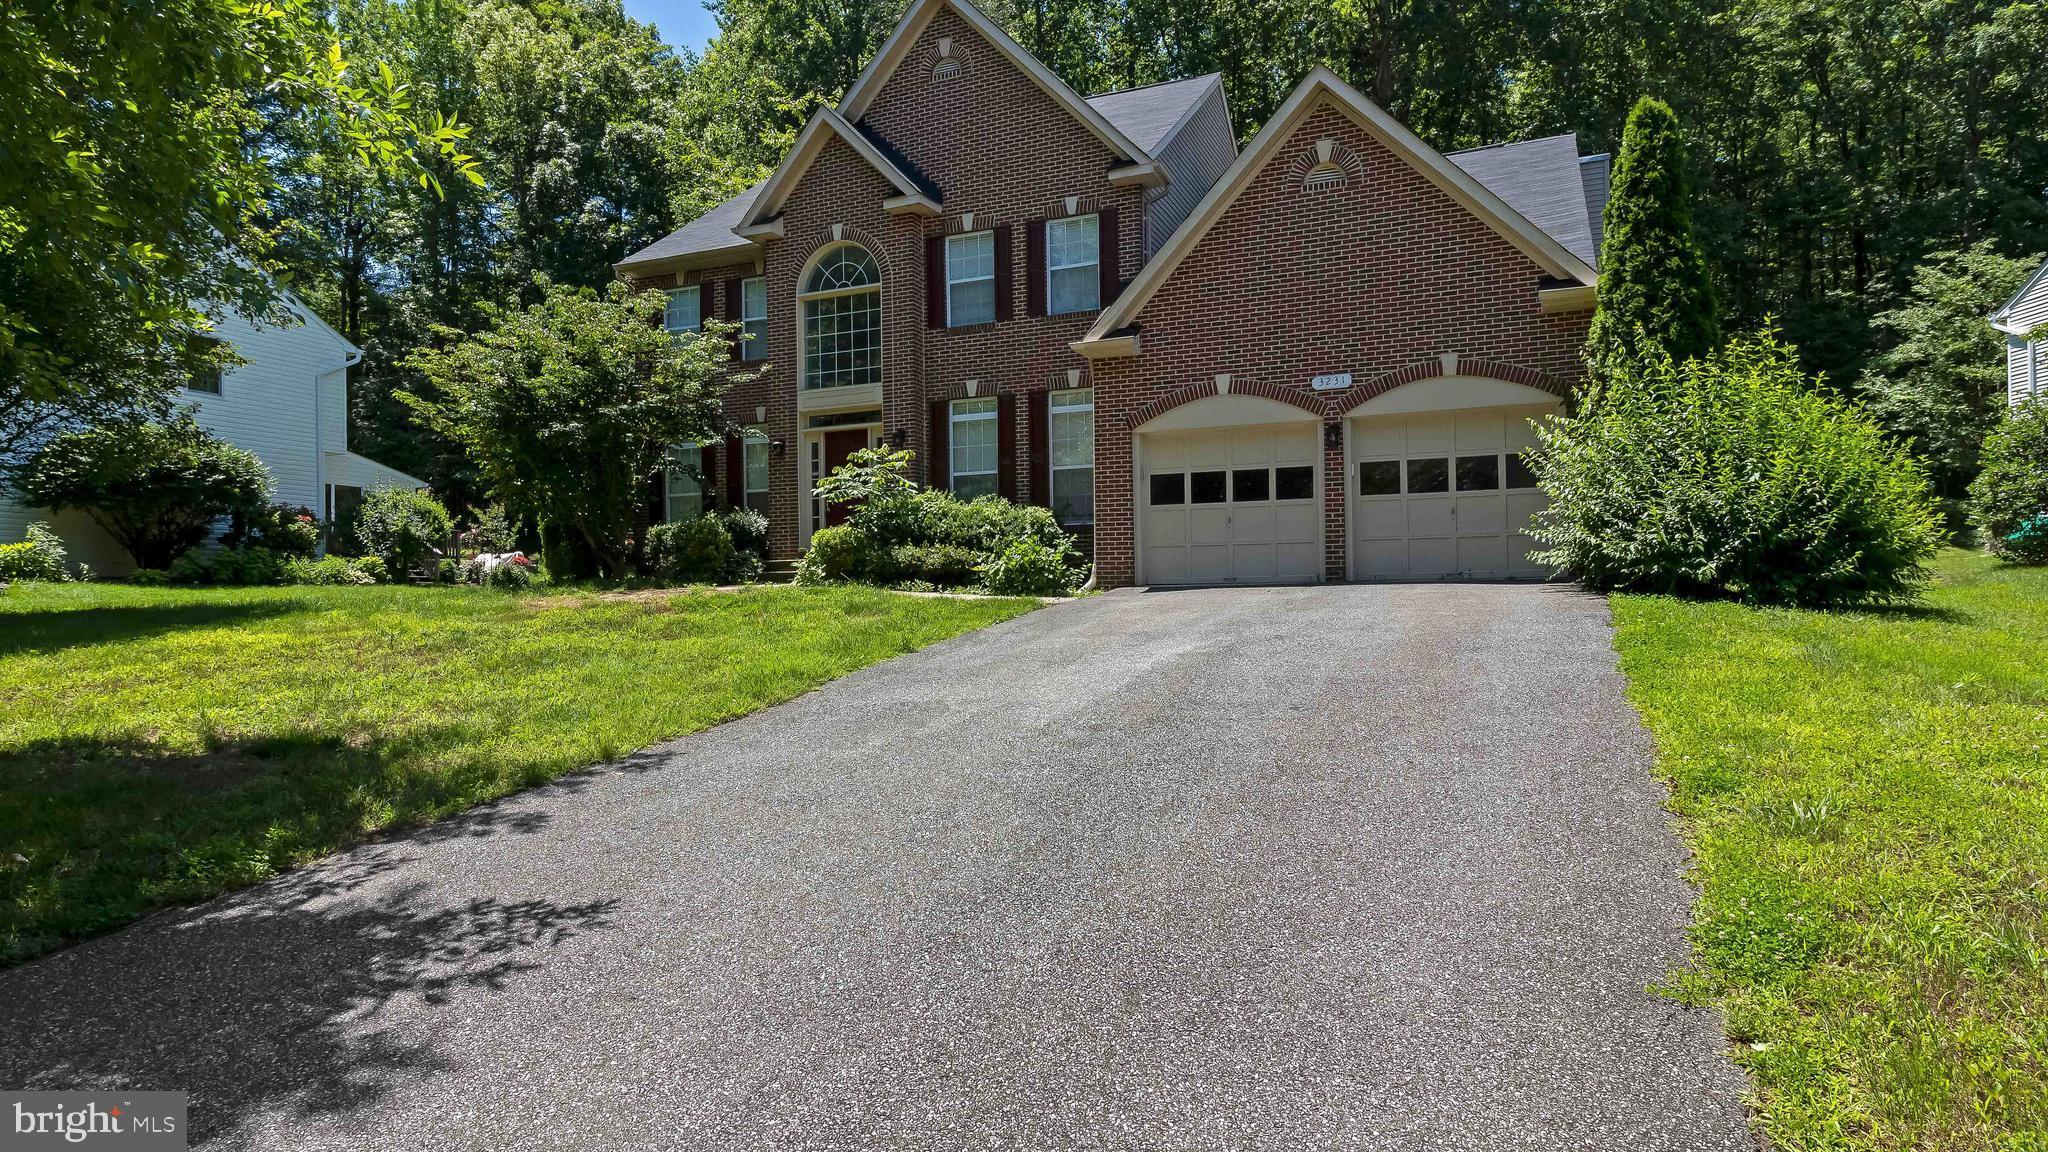 3231 HOMEWOOD Rd, Davidsonville, MD, 21035